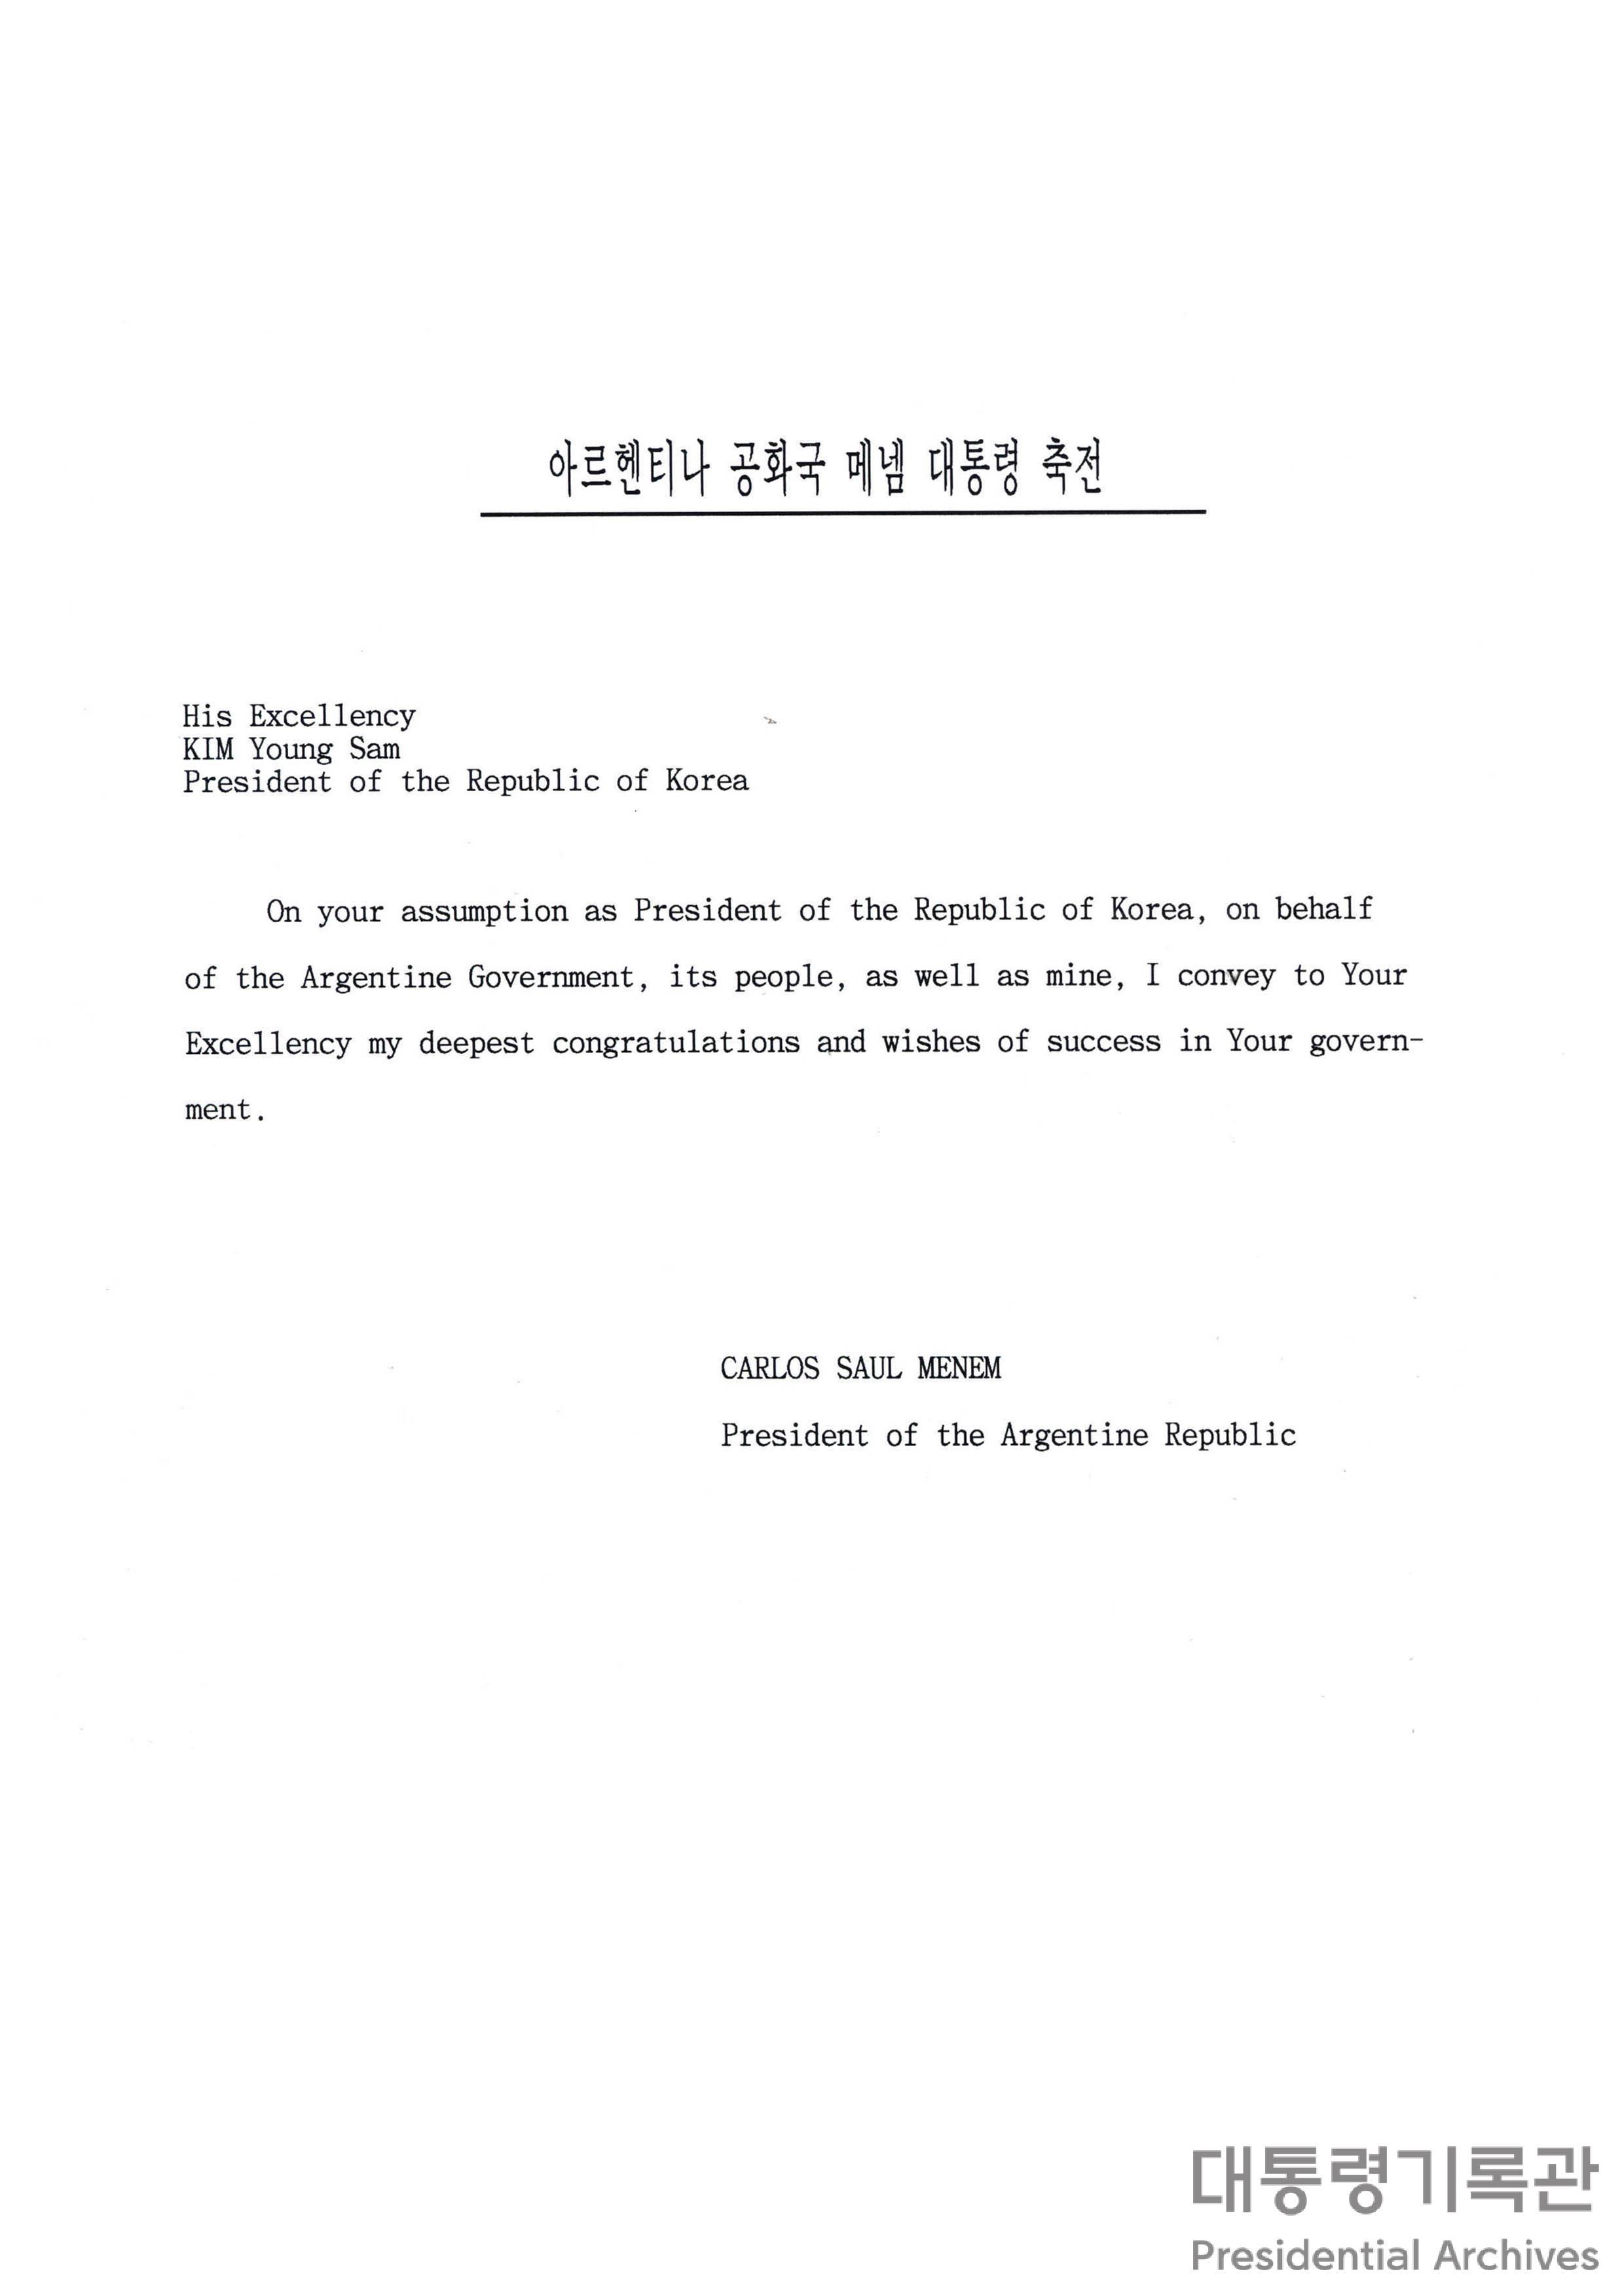 까를로스 사울 메넴 (Carlos Saul Menem) 아르헨티나 대통령이 김영삼 대통령에 보낸 서한